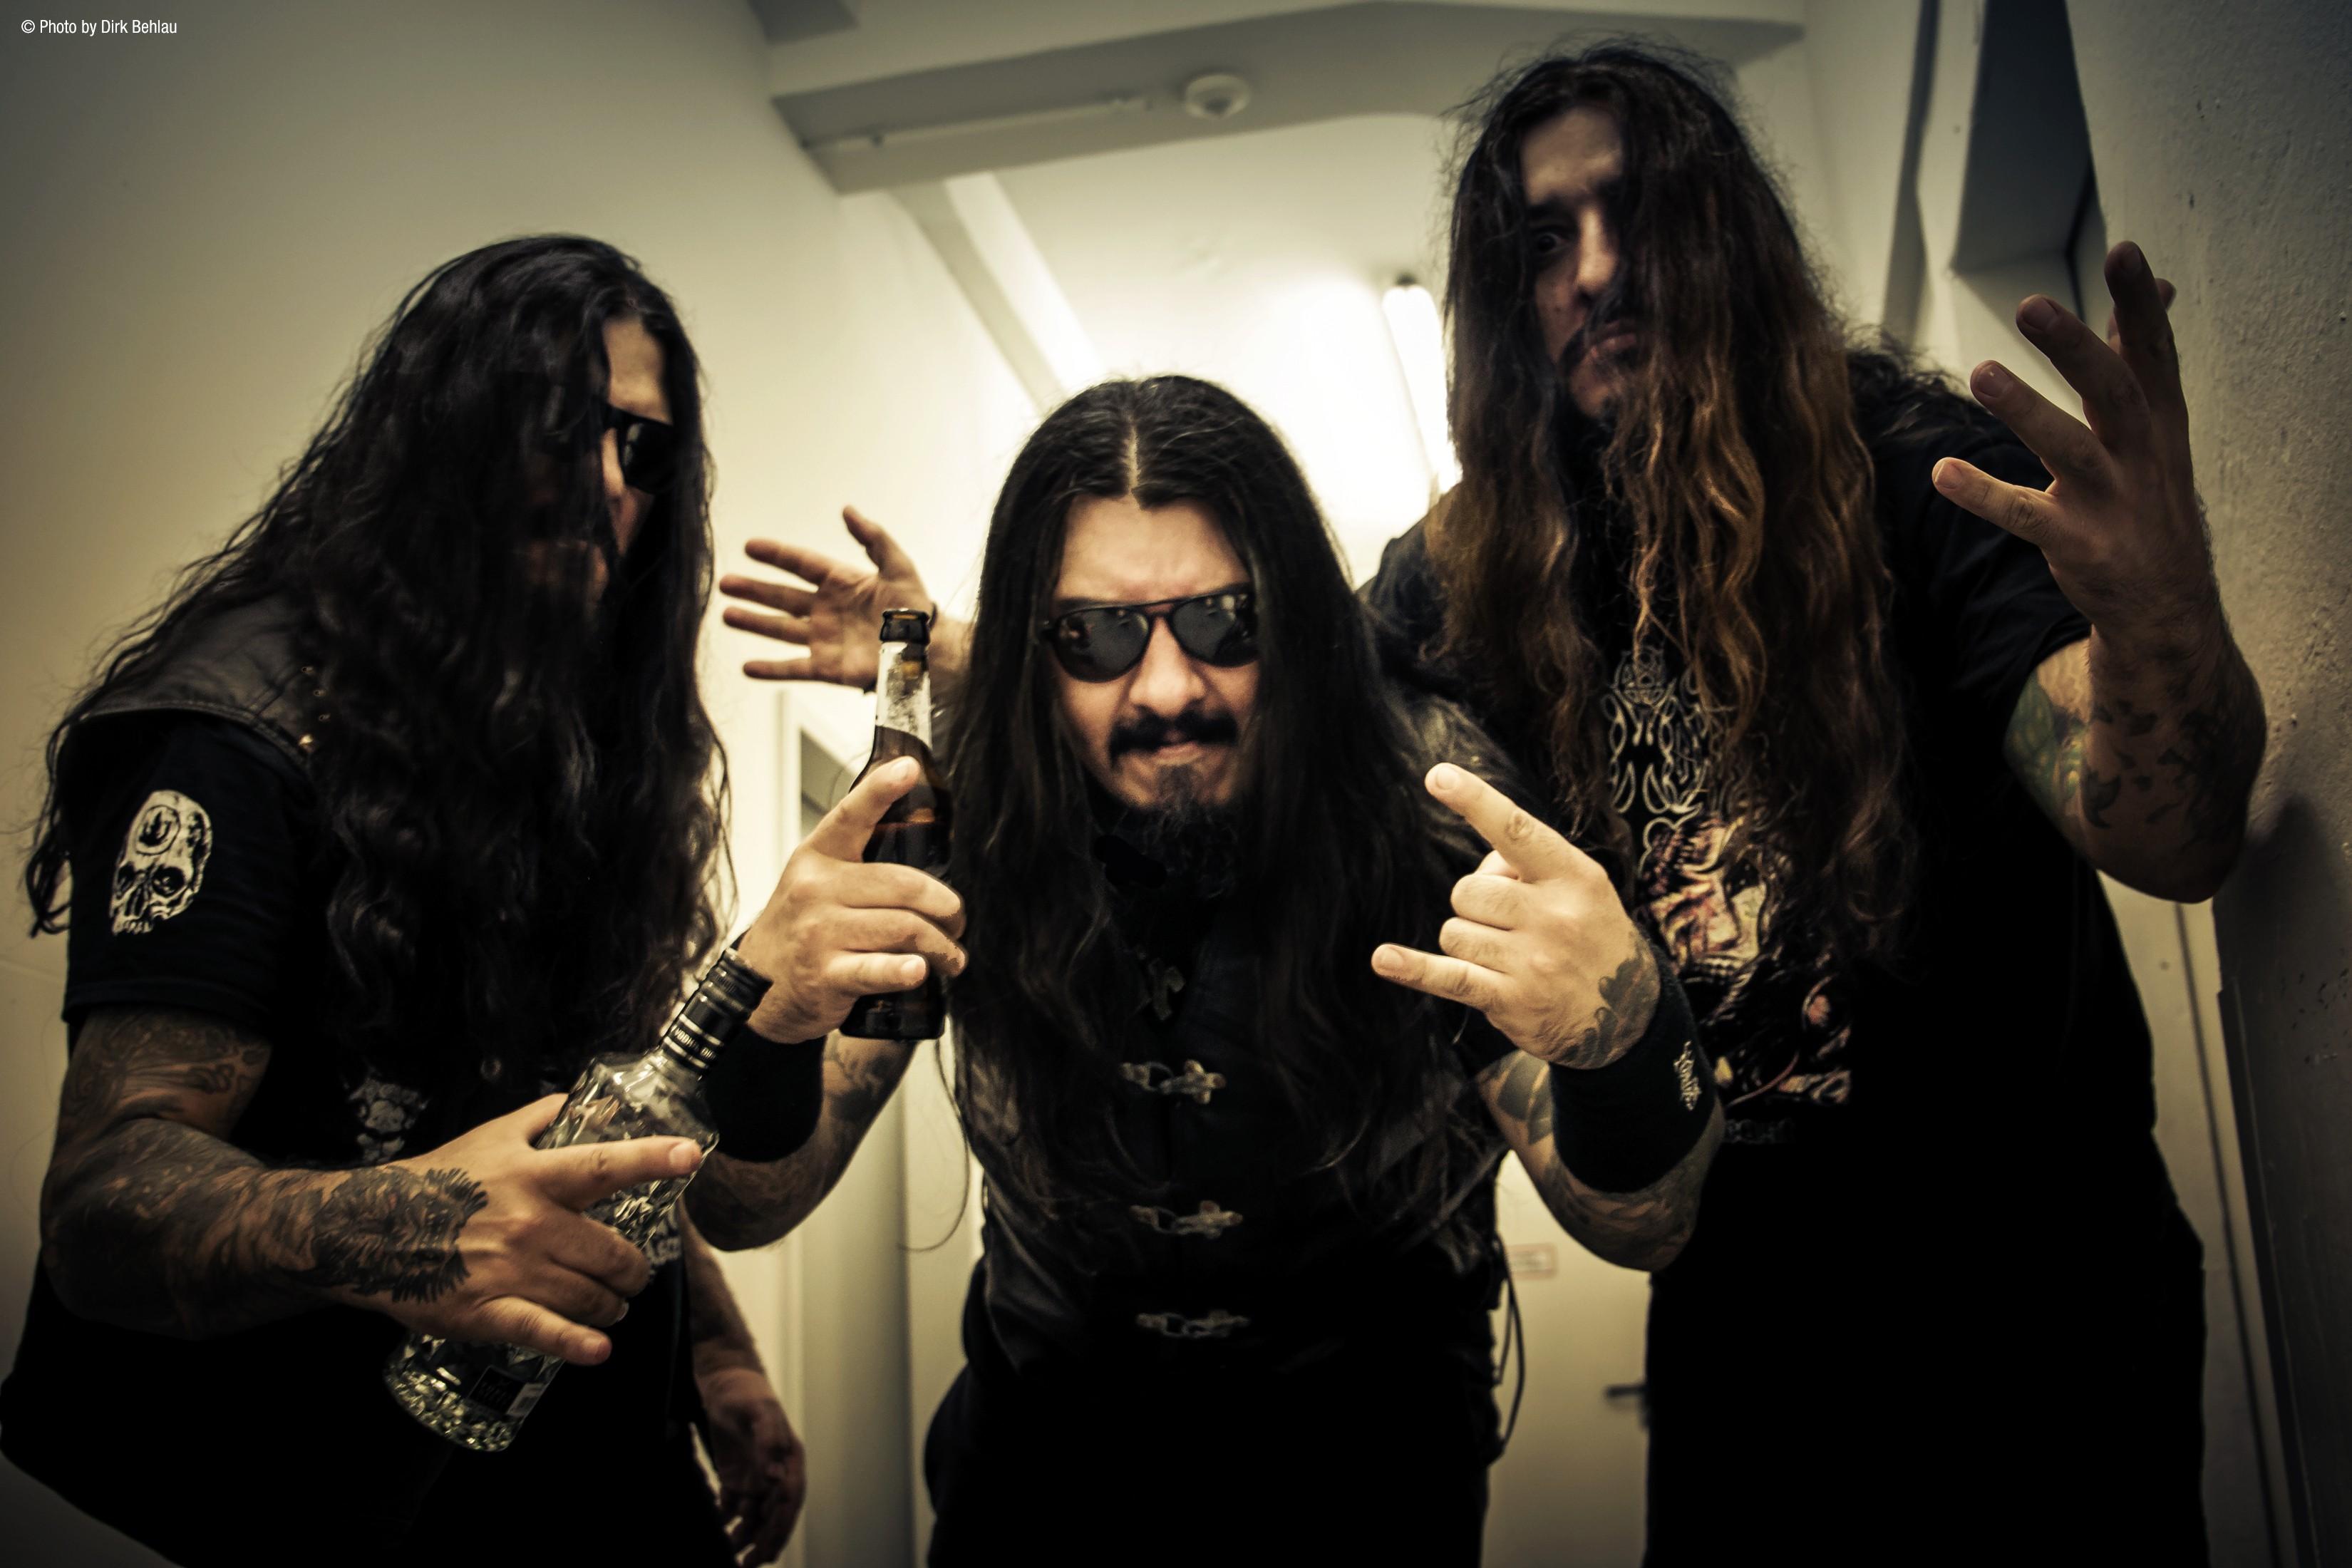 A banda brasileira de metal extremo Krisiun